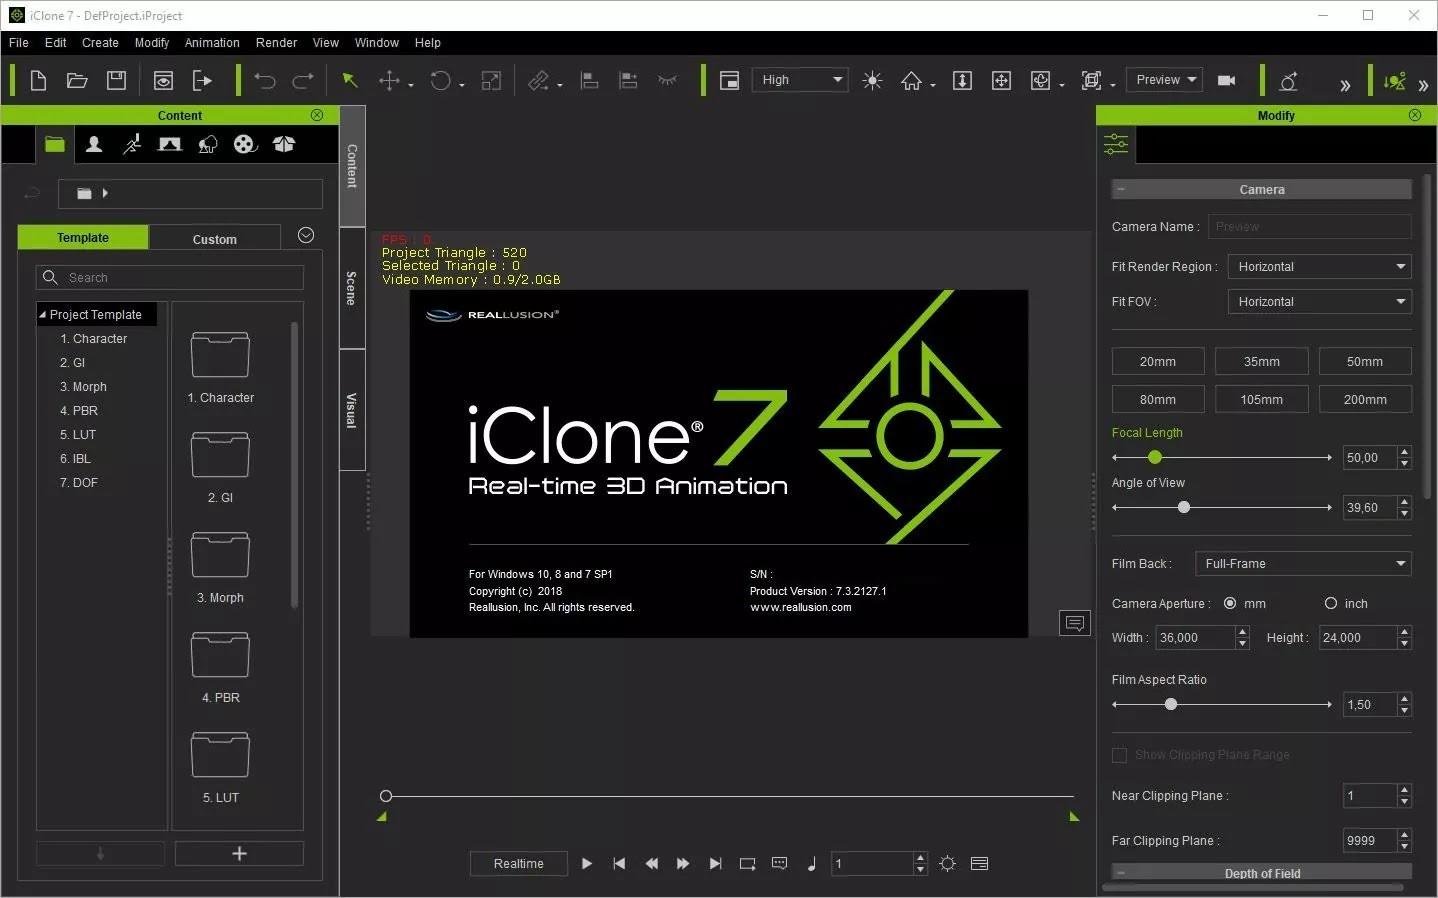 تحميل برنامج Reallusion iClone Pro 7.8.4322.1 لإنشاء شخصيات ثلاثية الأبعاد ورسوم متحركة